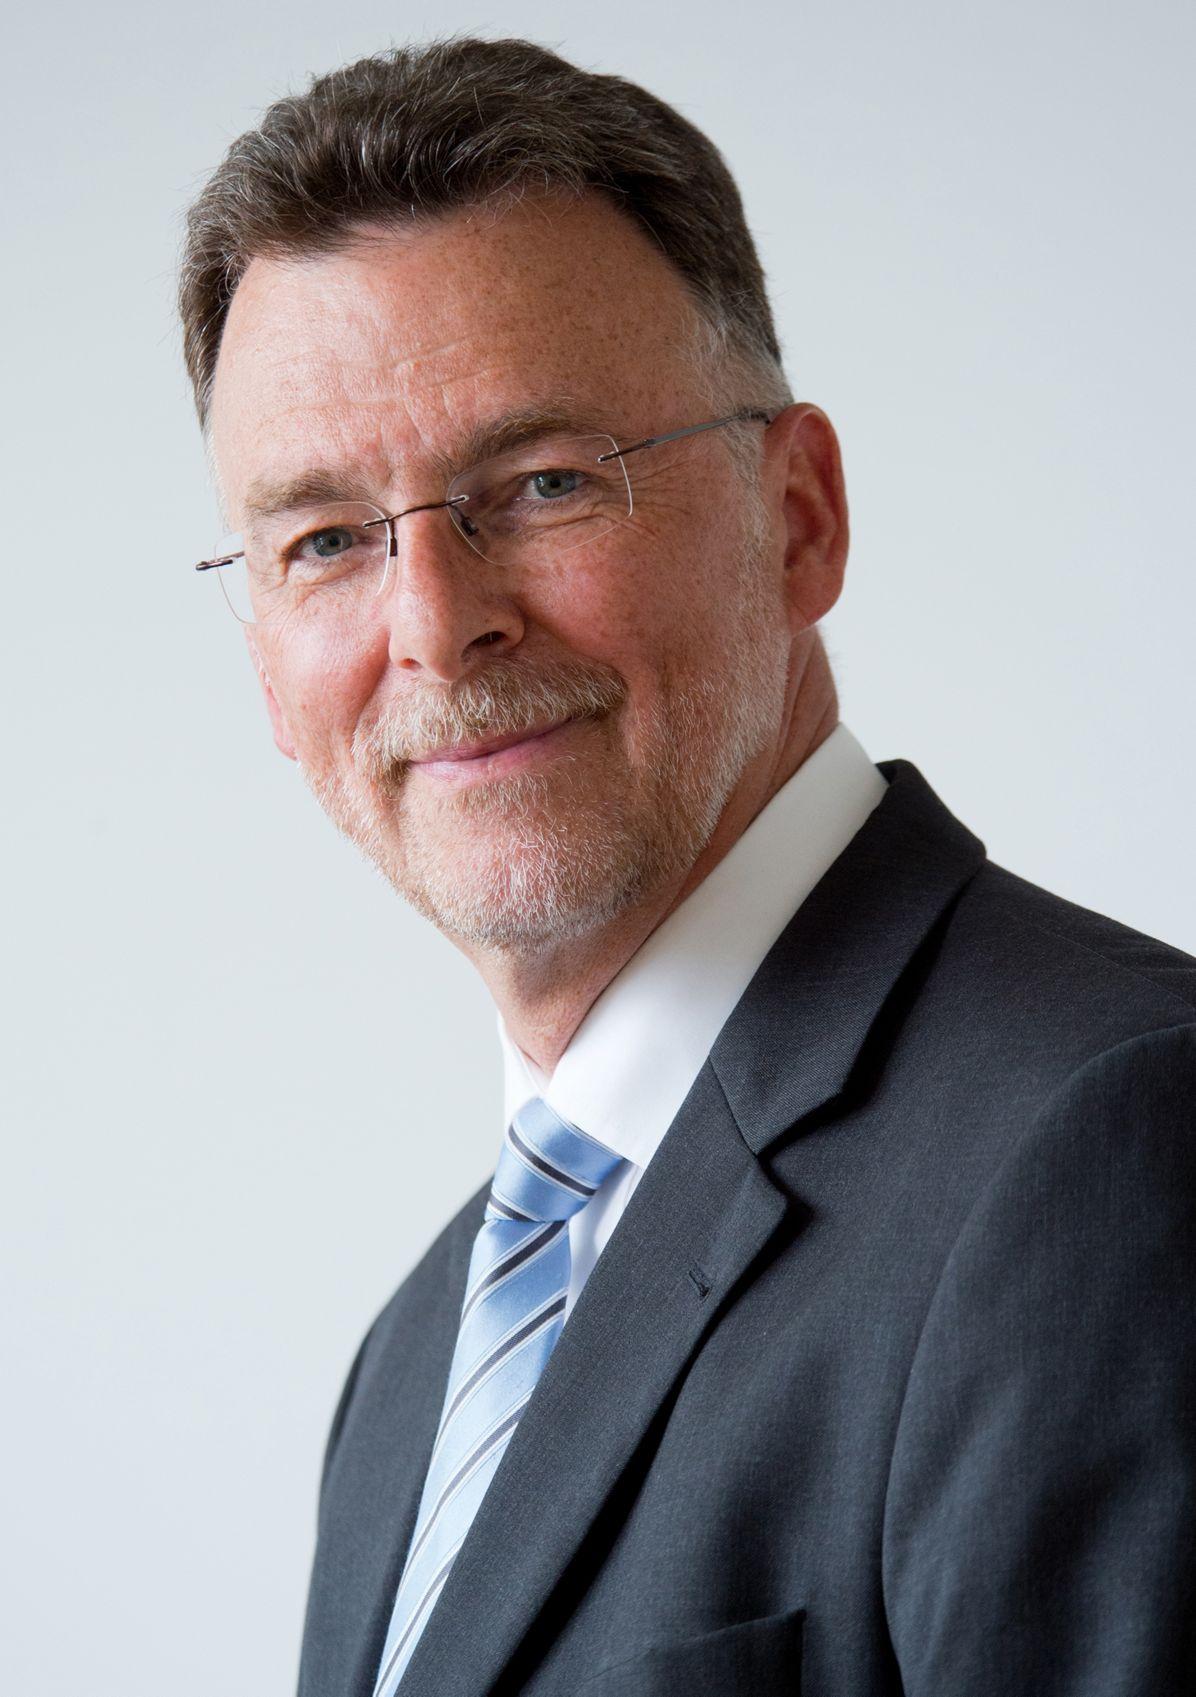 Mario Heinen